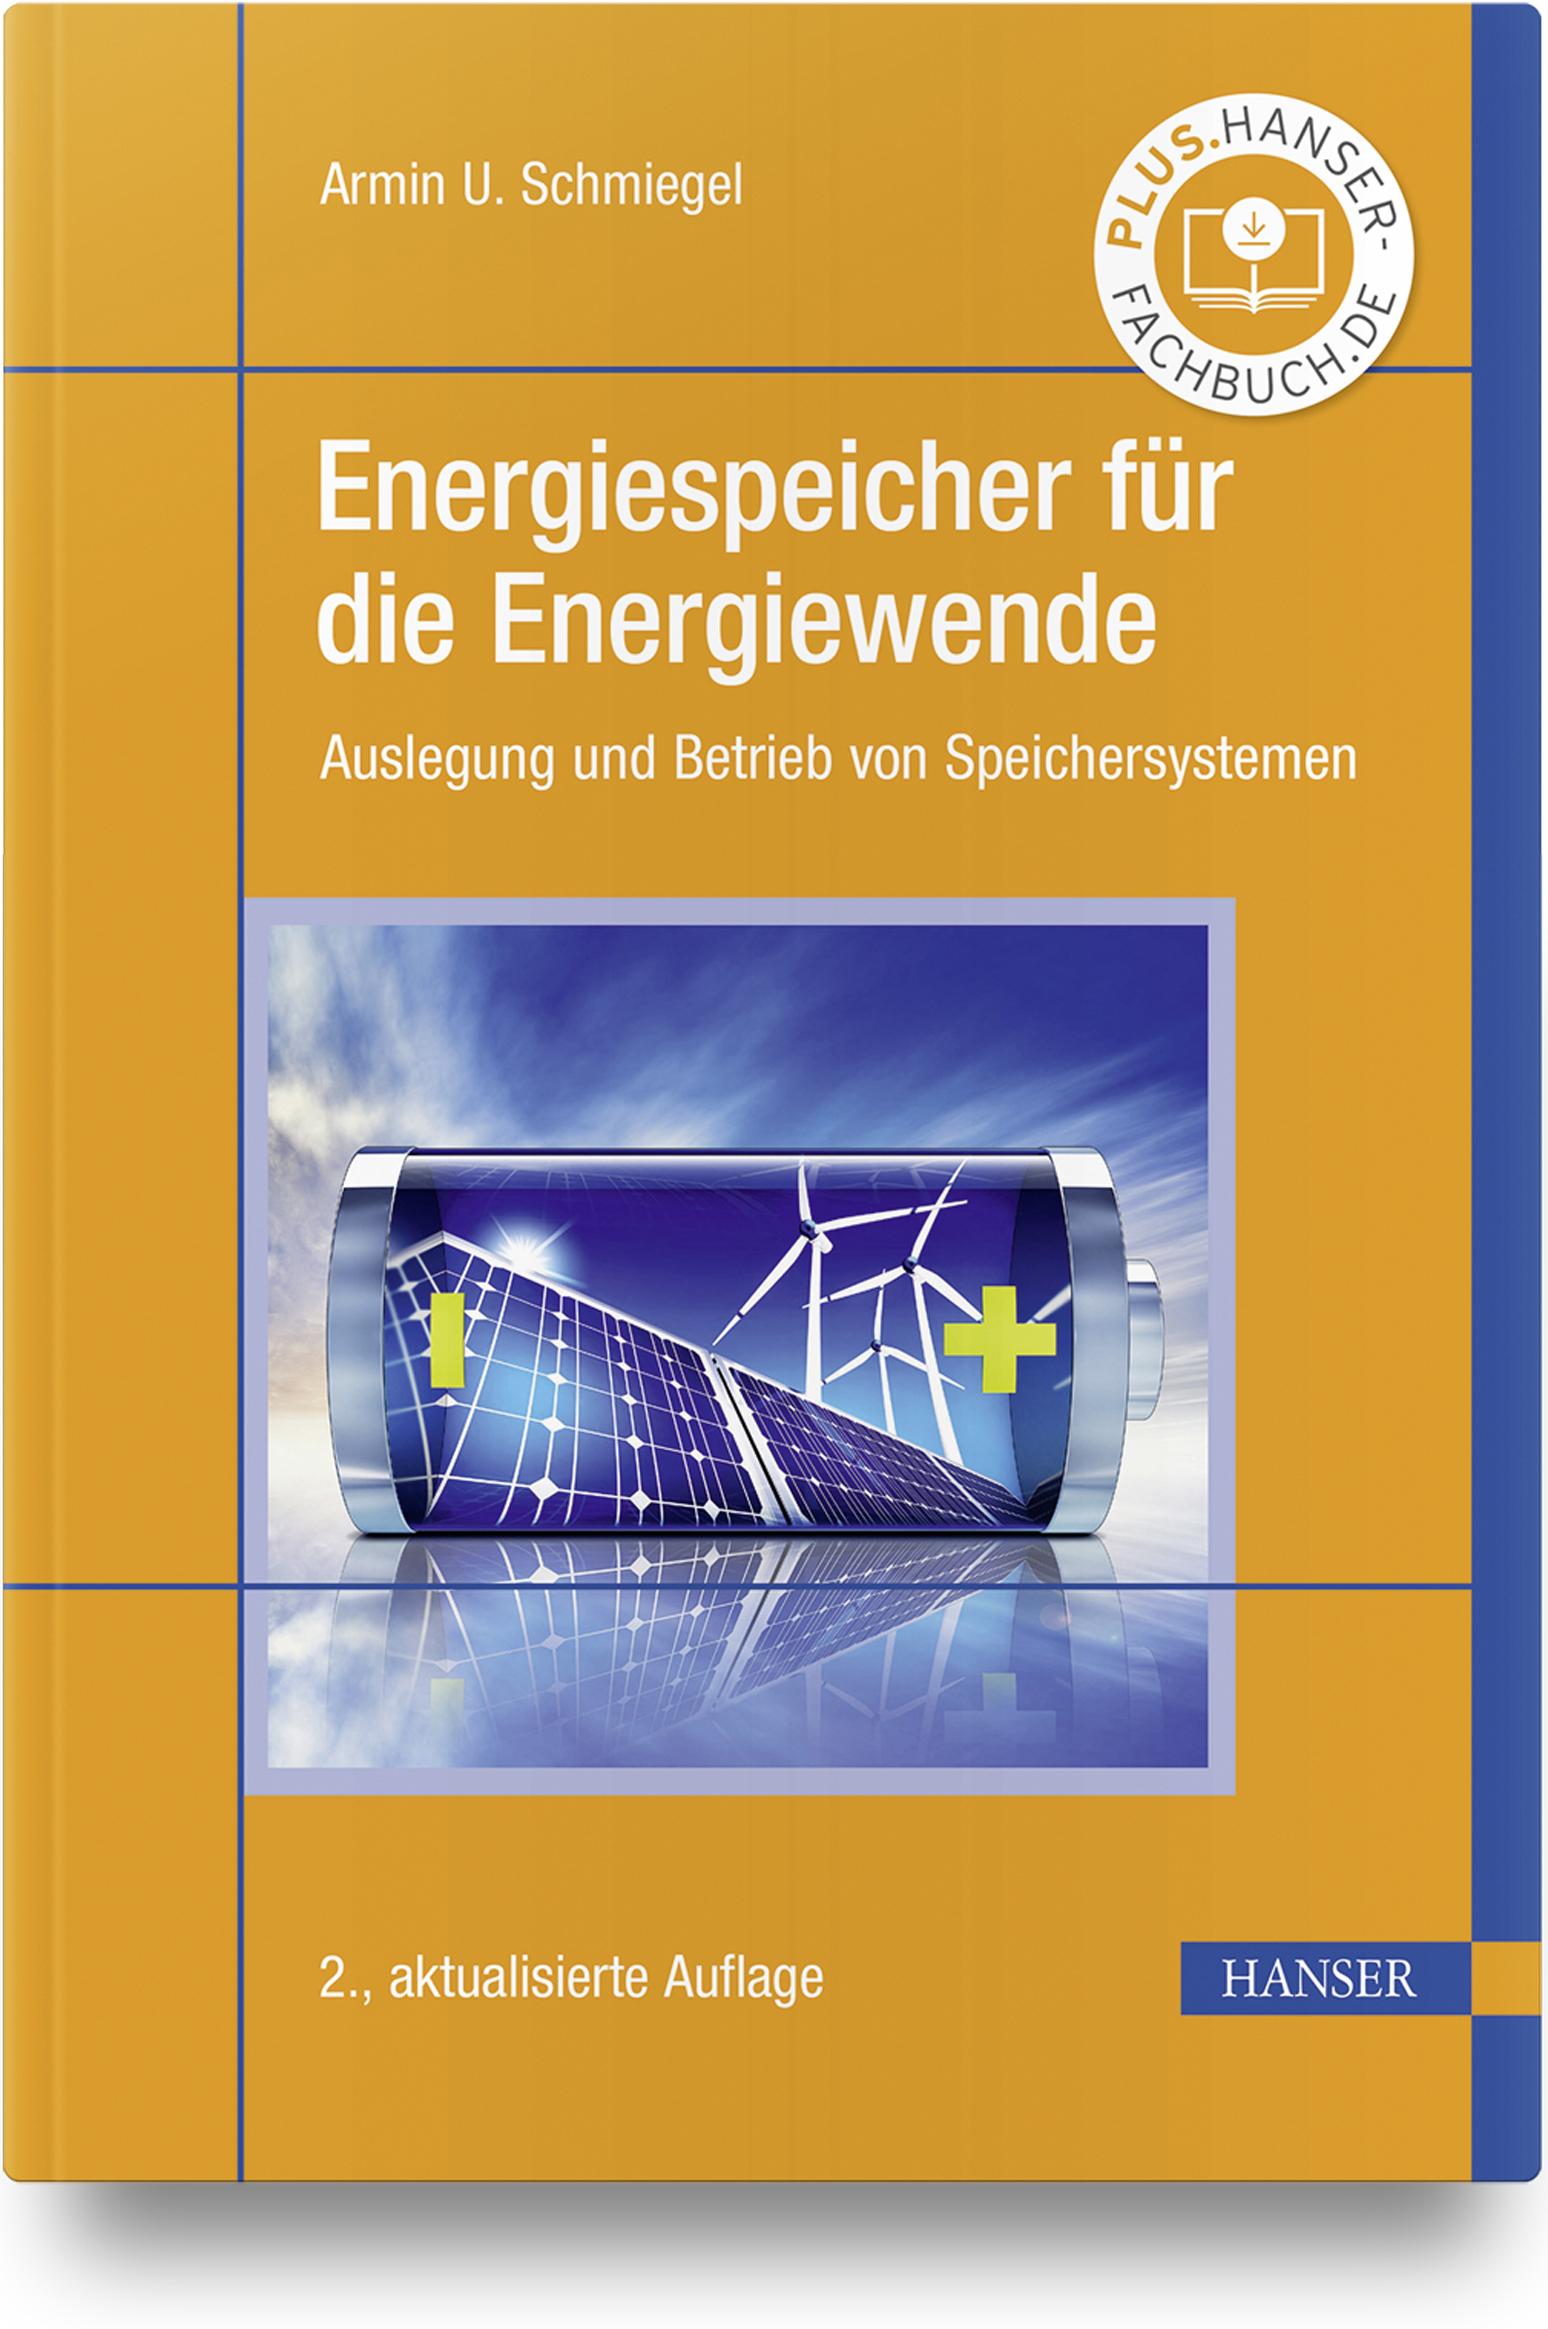 Schmiegel, Energiespeicher für die Energiewende, 978-3-446-46405-6